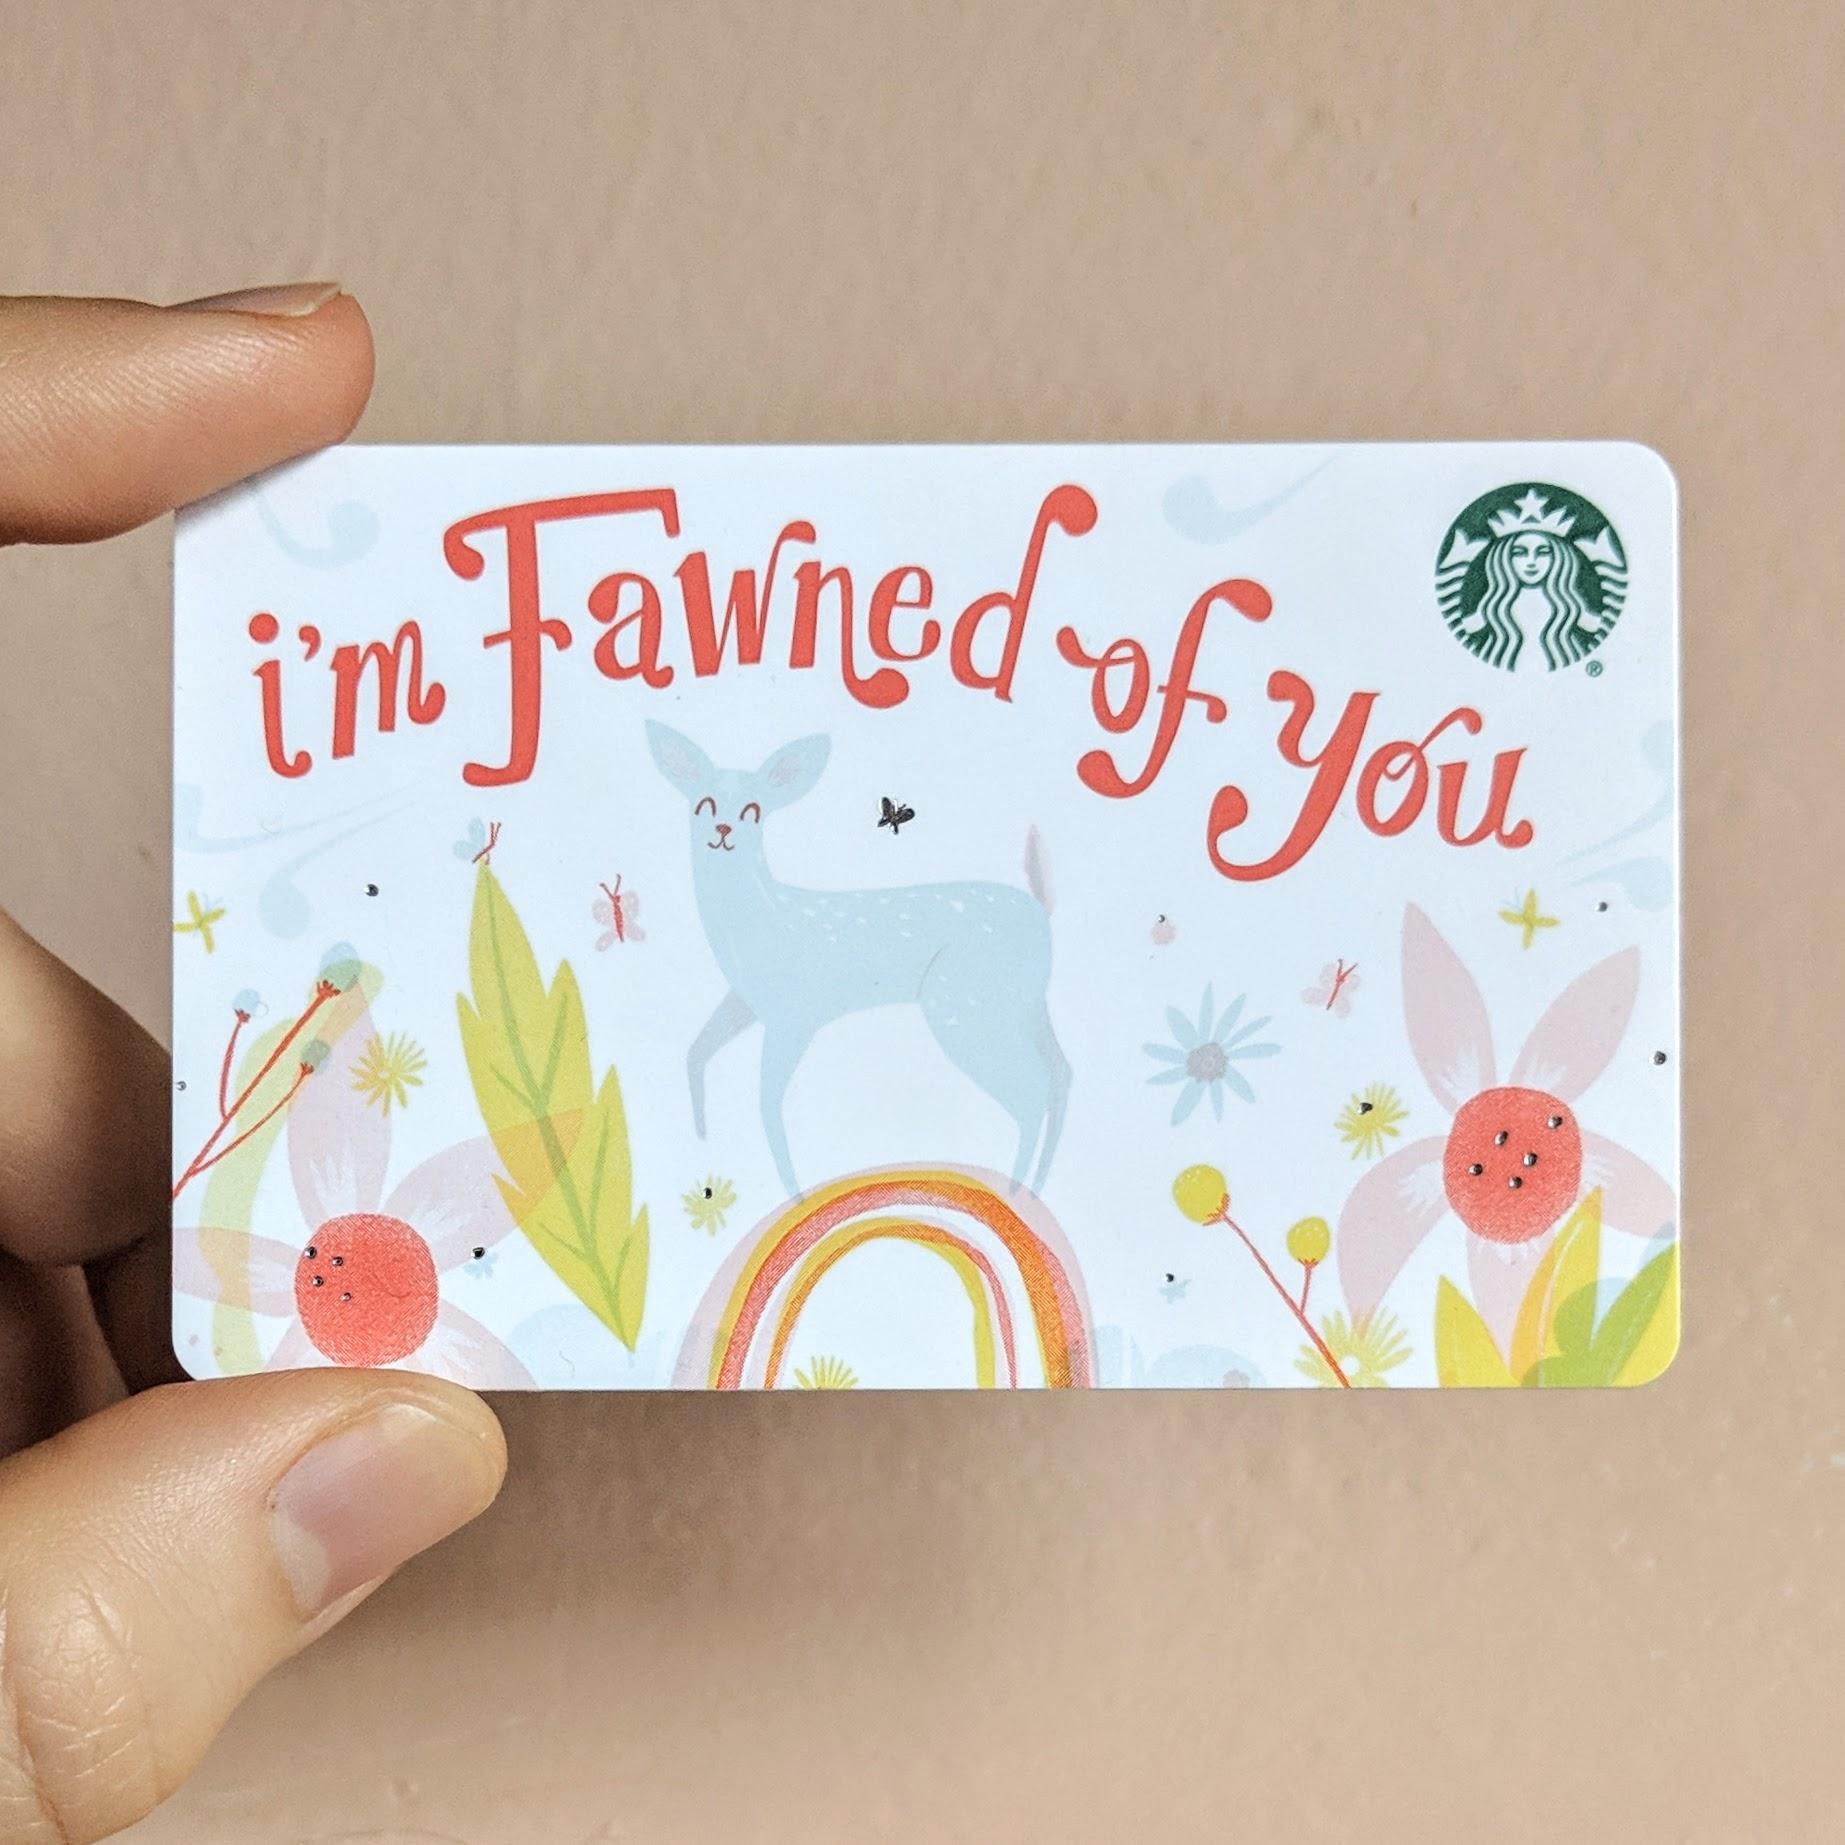 starbucks gift card fawned.jpg